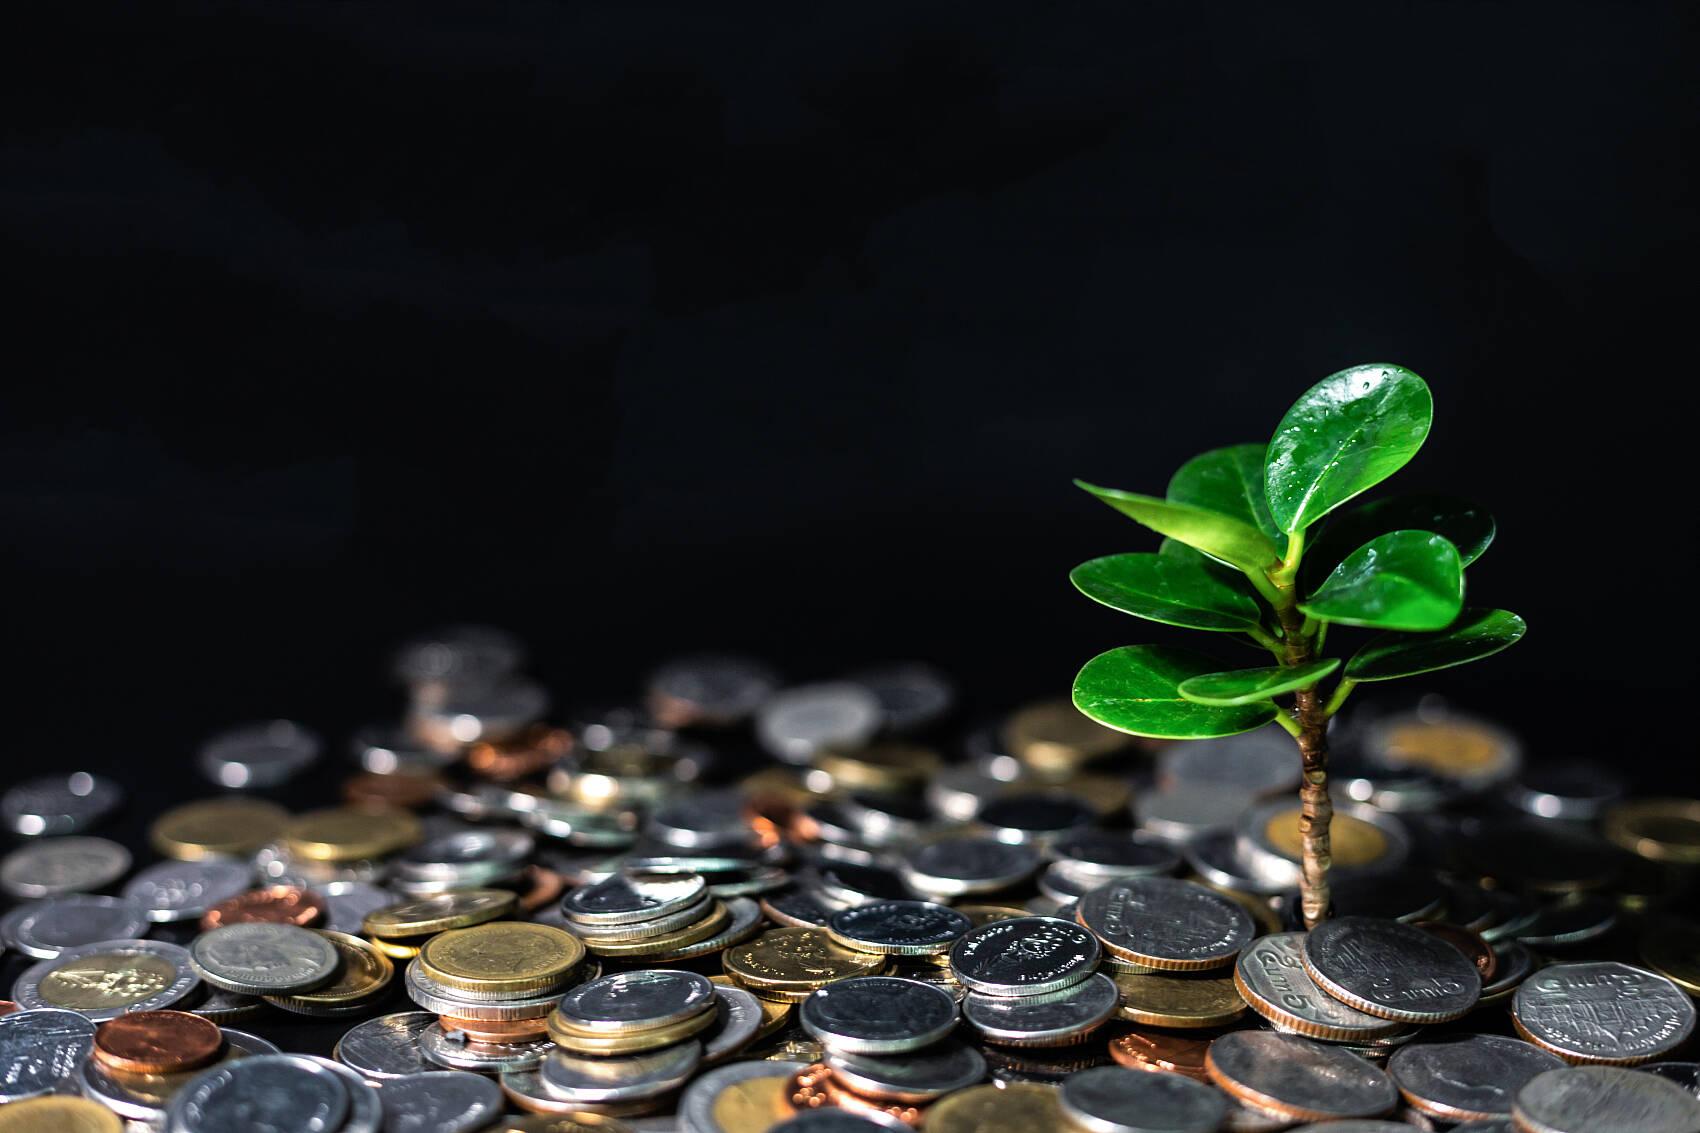 财看闪电丨山东全省农商银行155亿元资金助力绿色可持续发展